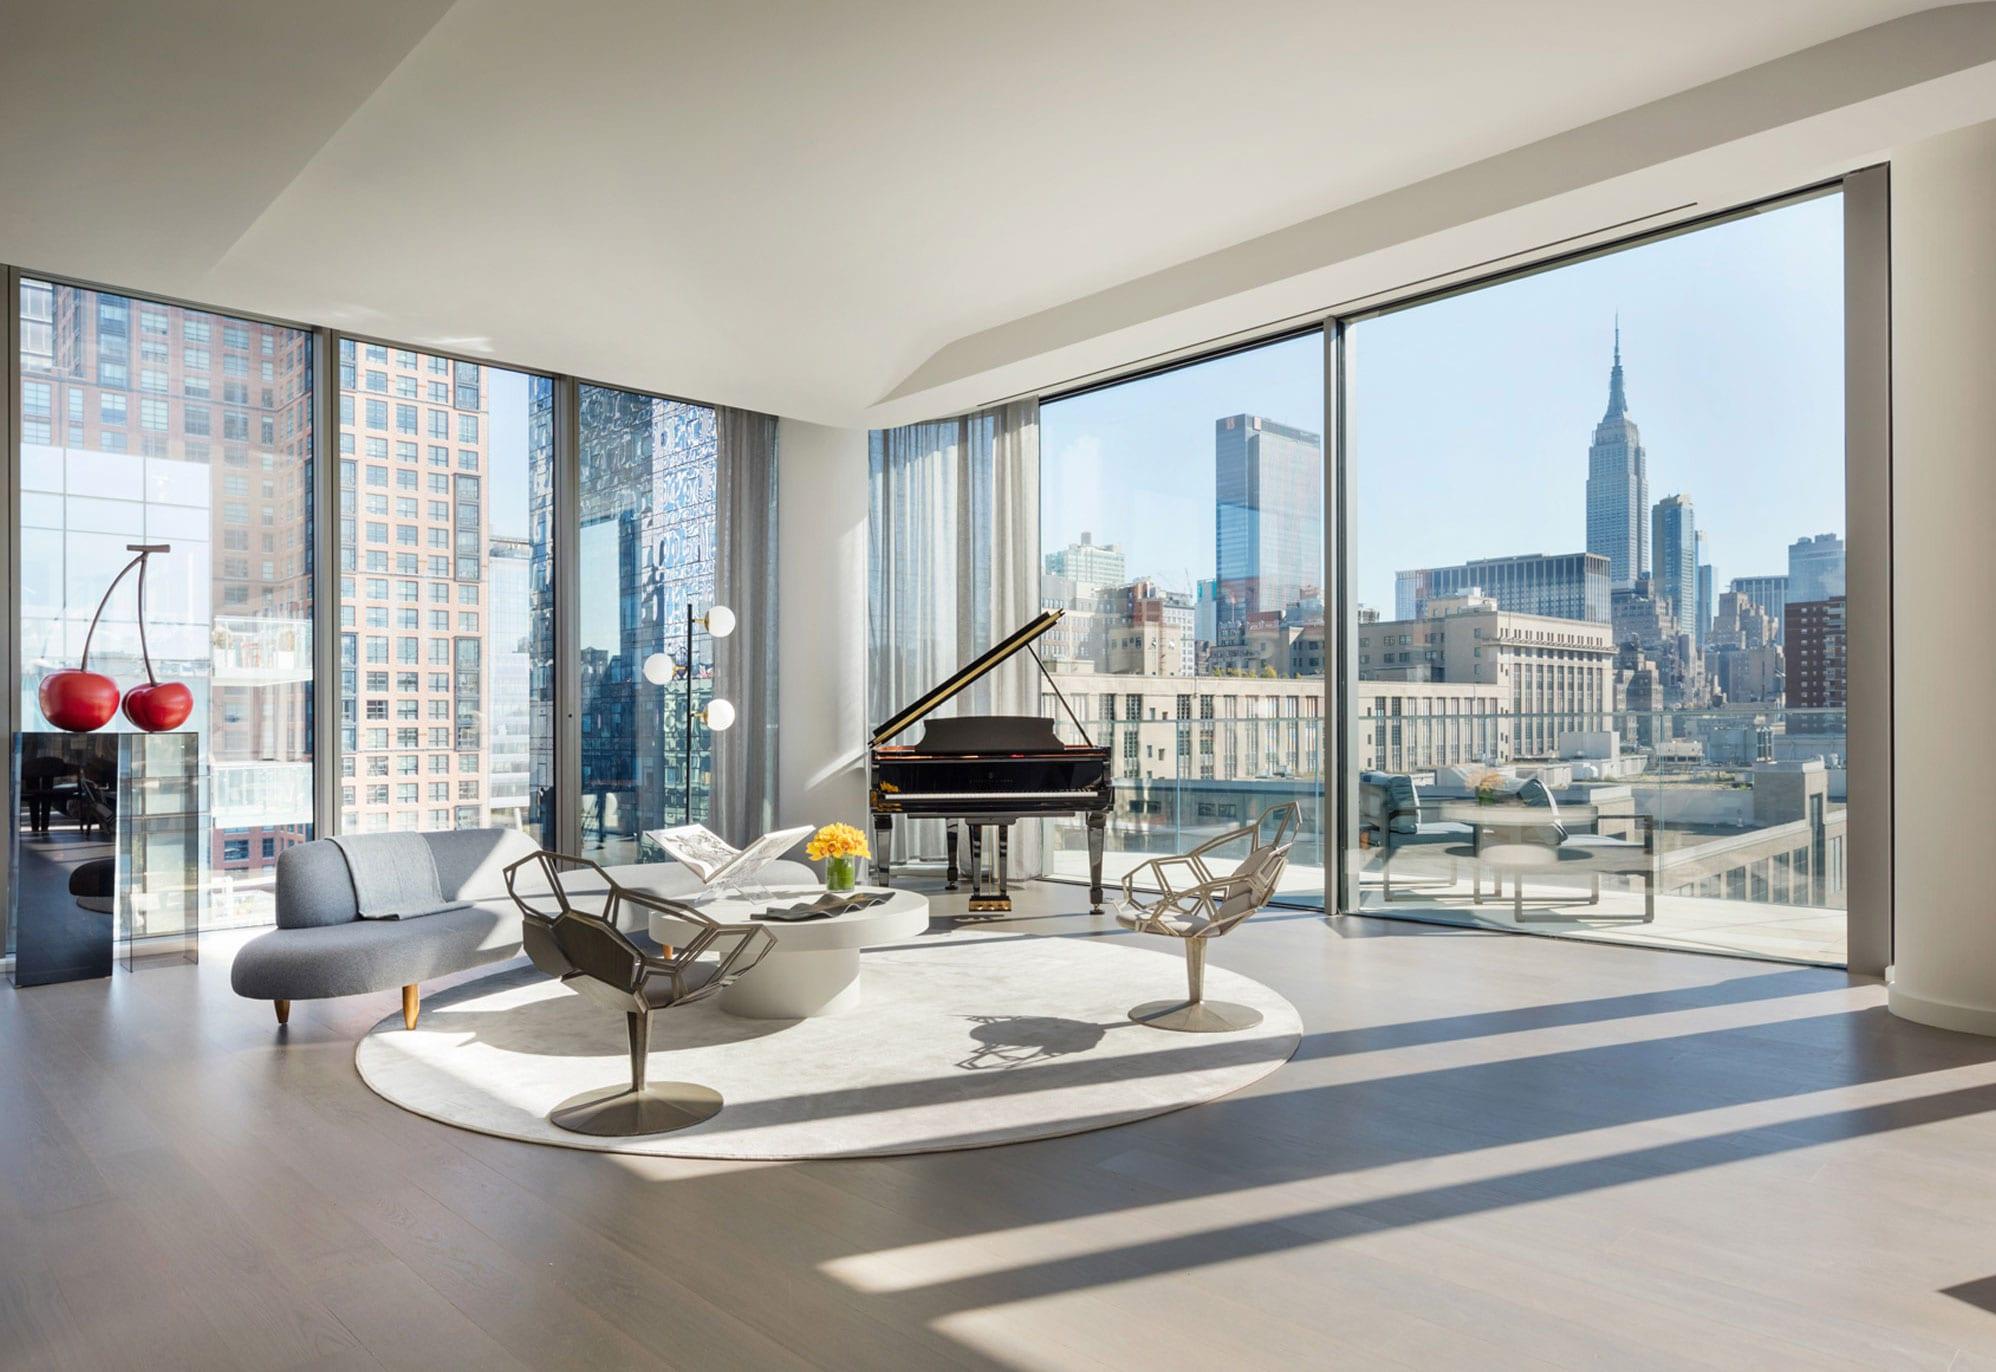 helles wohnzimmer mit stilvoller einrichtung einer sitzecke mit gerundetem sofa grau, designer drehstühle aus metall und rundem couchtisch weiß auf rundem teppich weiß, klavier und glasschiebetür zu balkon mit glasgeländer